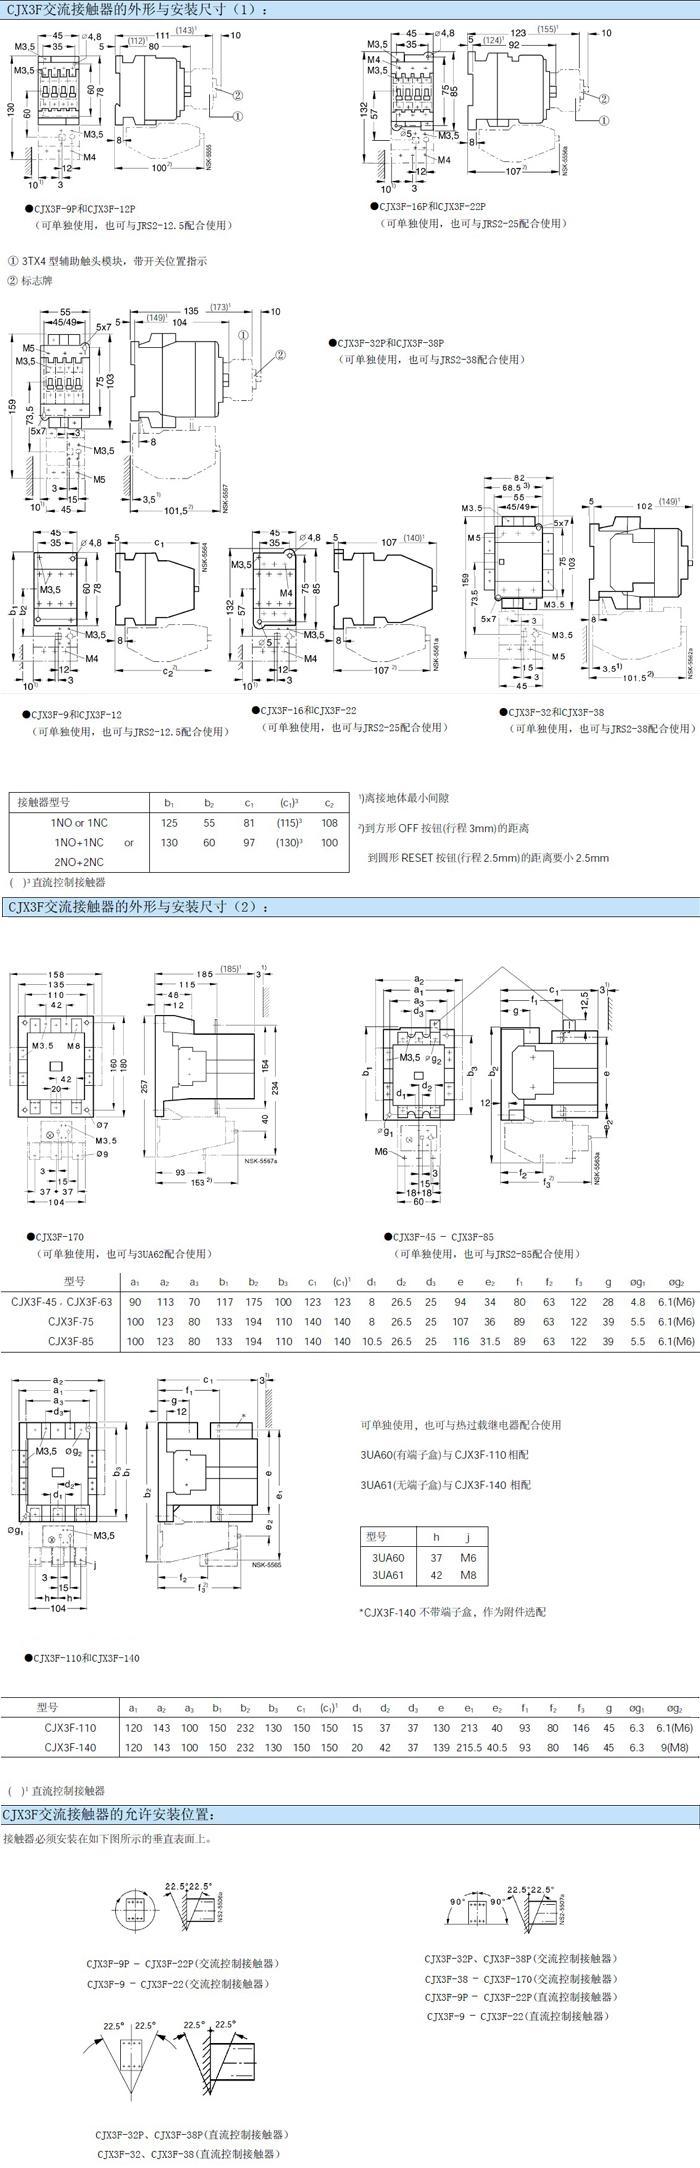 cjx3f-12(3tf41)交流接触器